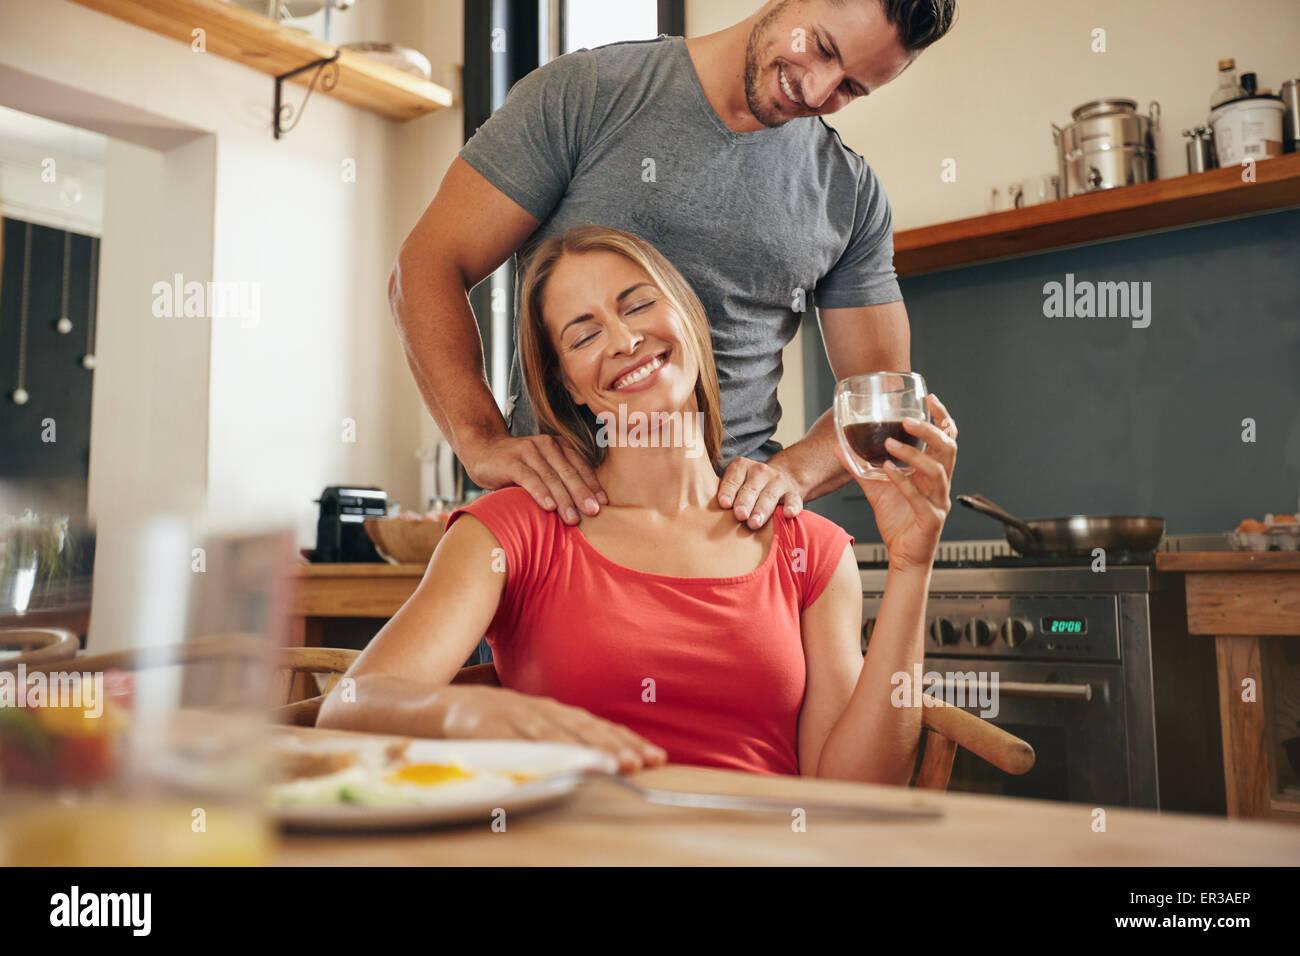 Felice giovane donna seduti a colazione tablet holding tazza di caffè come ottenere un massaggio della spalla Immagini Stock